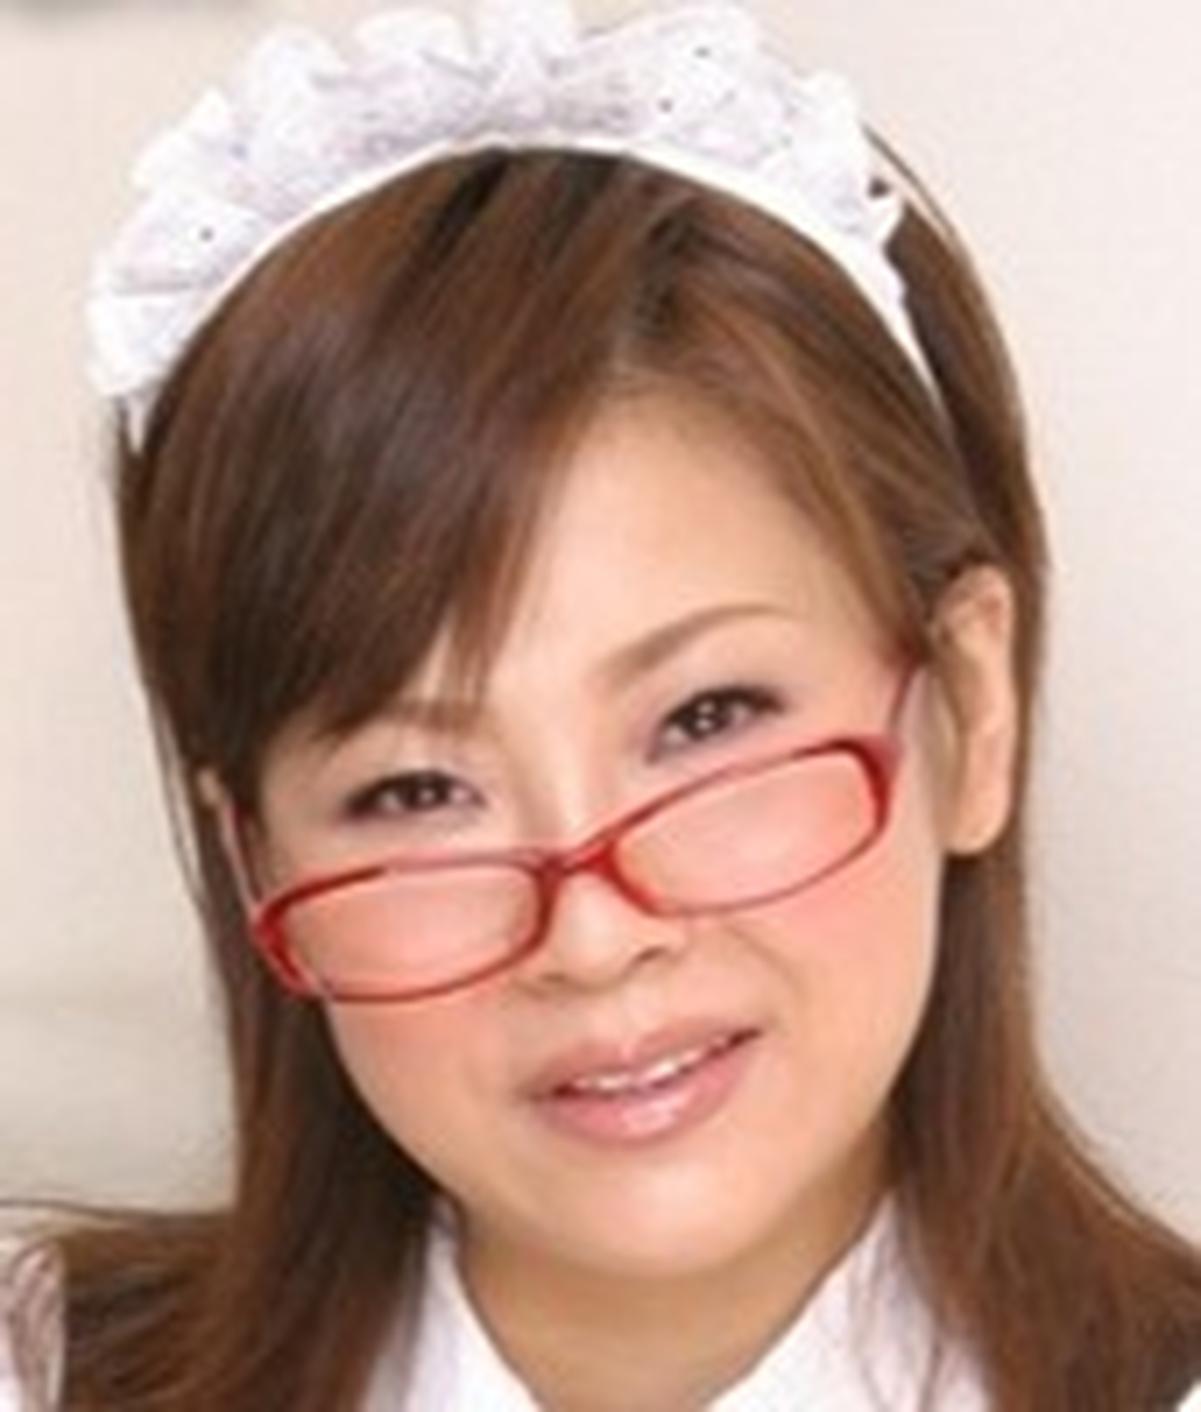 Miku Hayama